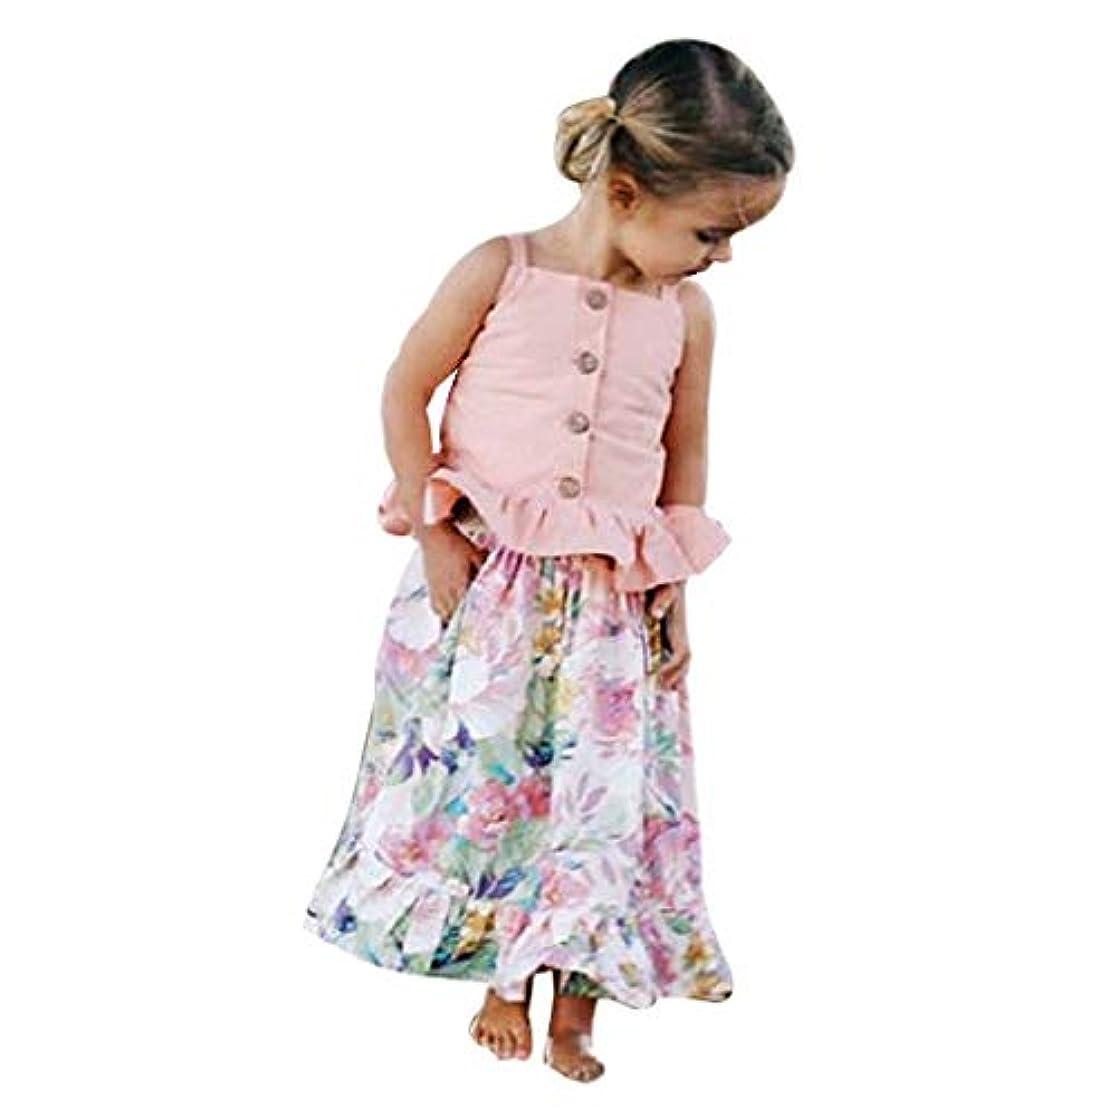 虫残高ドラフトキッズ服 ドレスJopinica 1歳~5歳 夏ピンクノースリーブトップス?カラフル花絵ゆったりスカート上下セット ガールズ2点セット ファッション女の子 ステージ衣装 お嬢様の記念日 子供の日